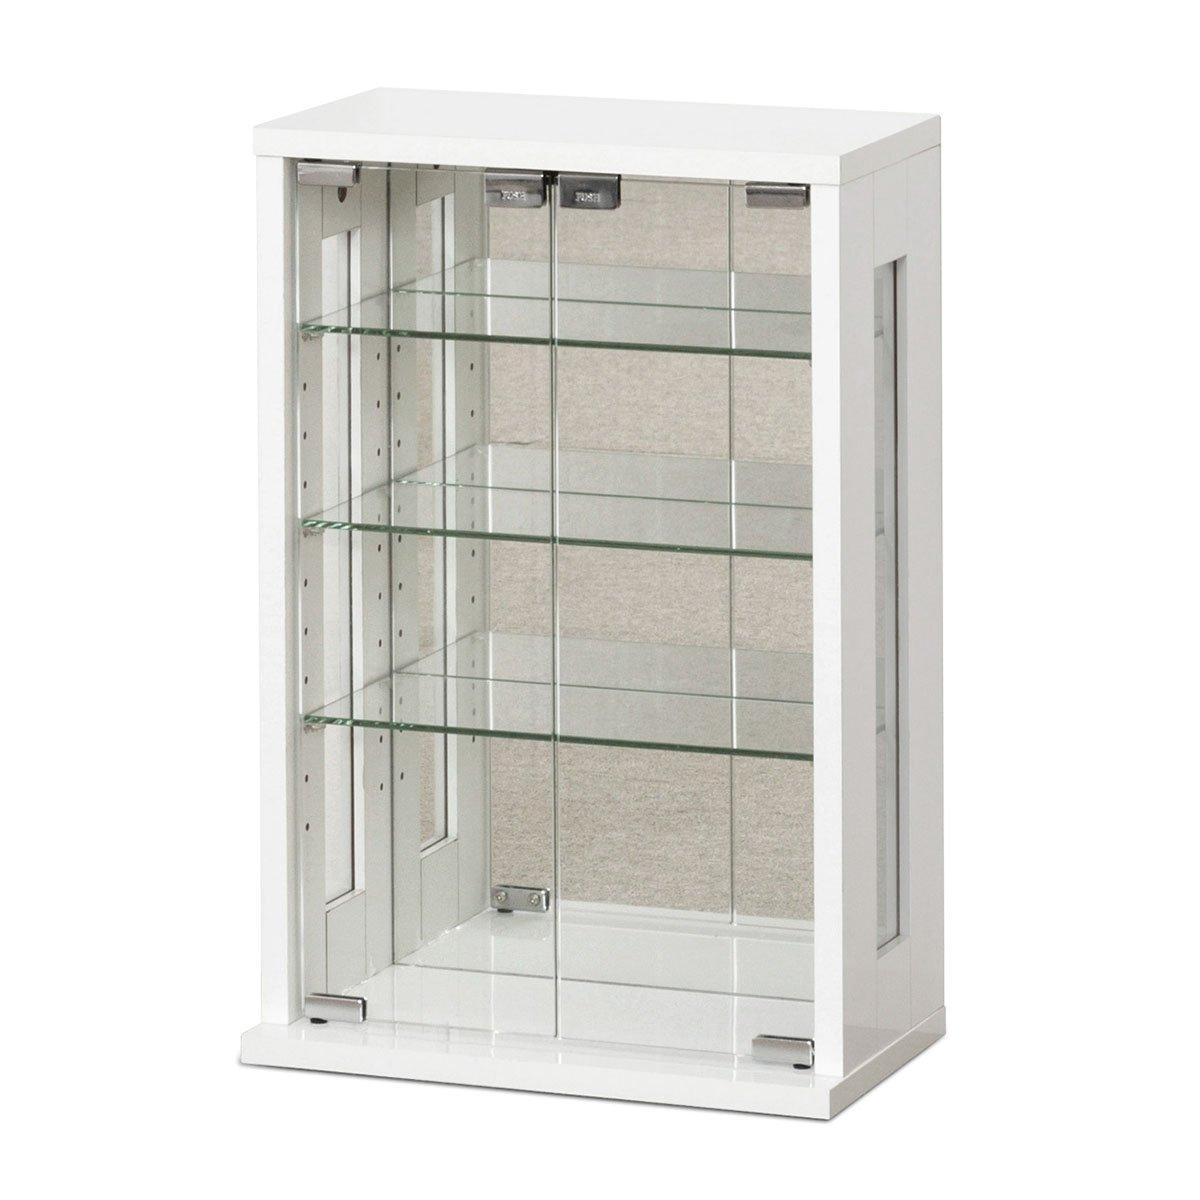 お気に入りのコレクションを美しくディスプレイ 卓上コレクションケース 高60cm タテ型 ホワイトクロシオ 27060収納 背面化粧仕上 セール品 ショーケース 大好評です コレクションケース ディスプレイケース